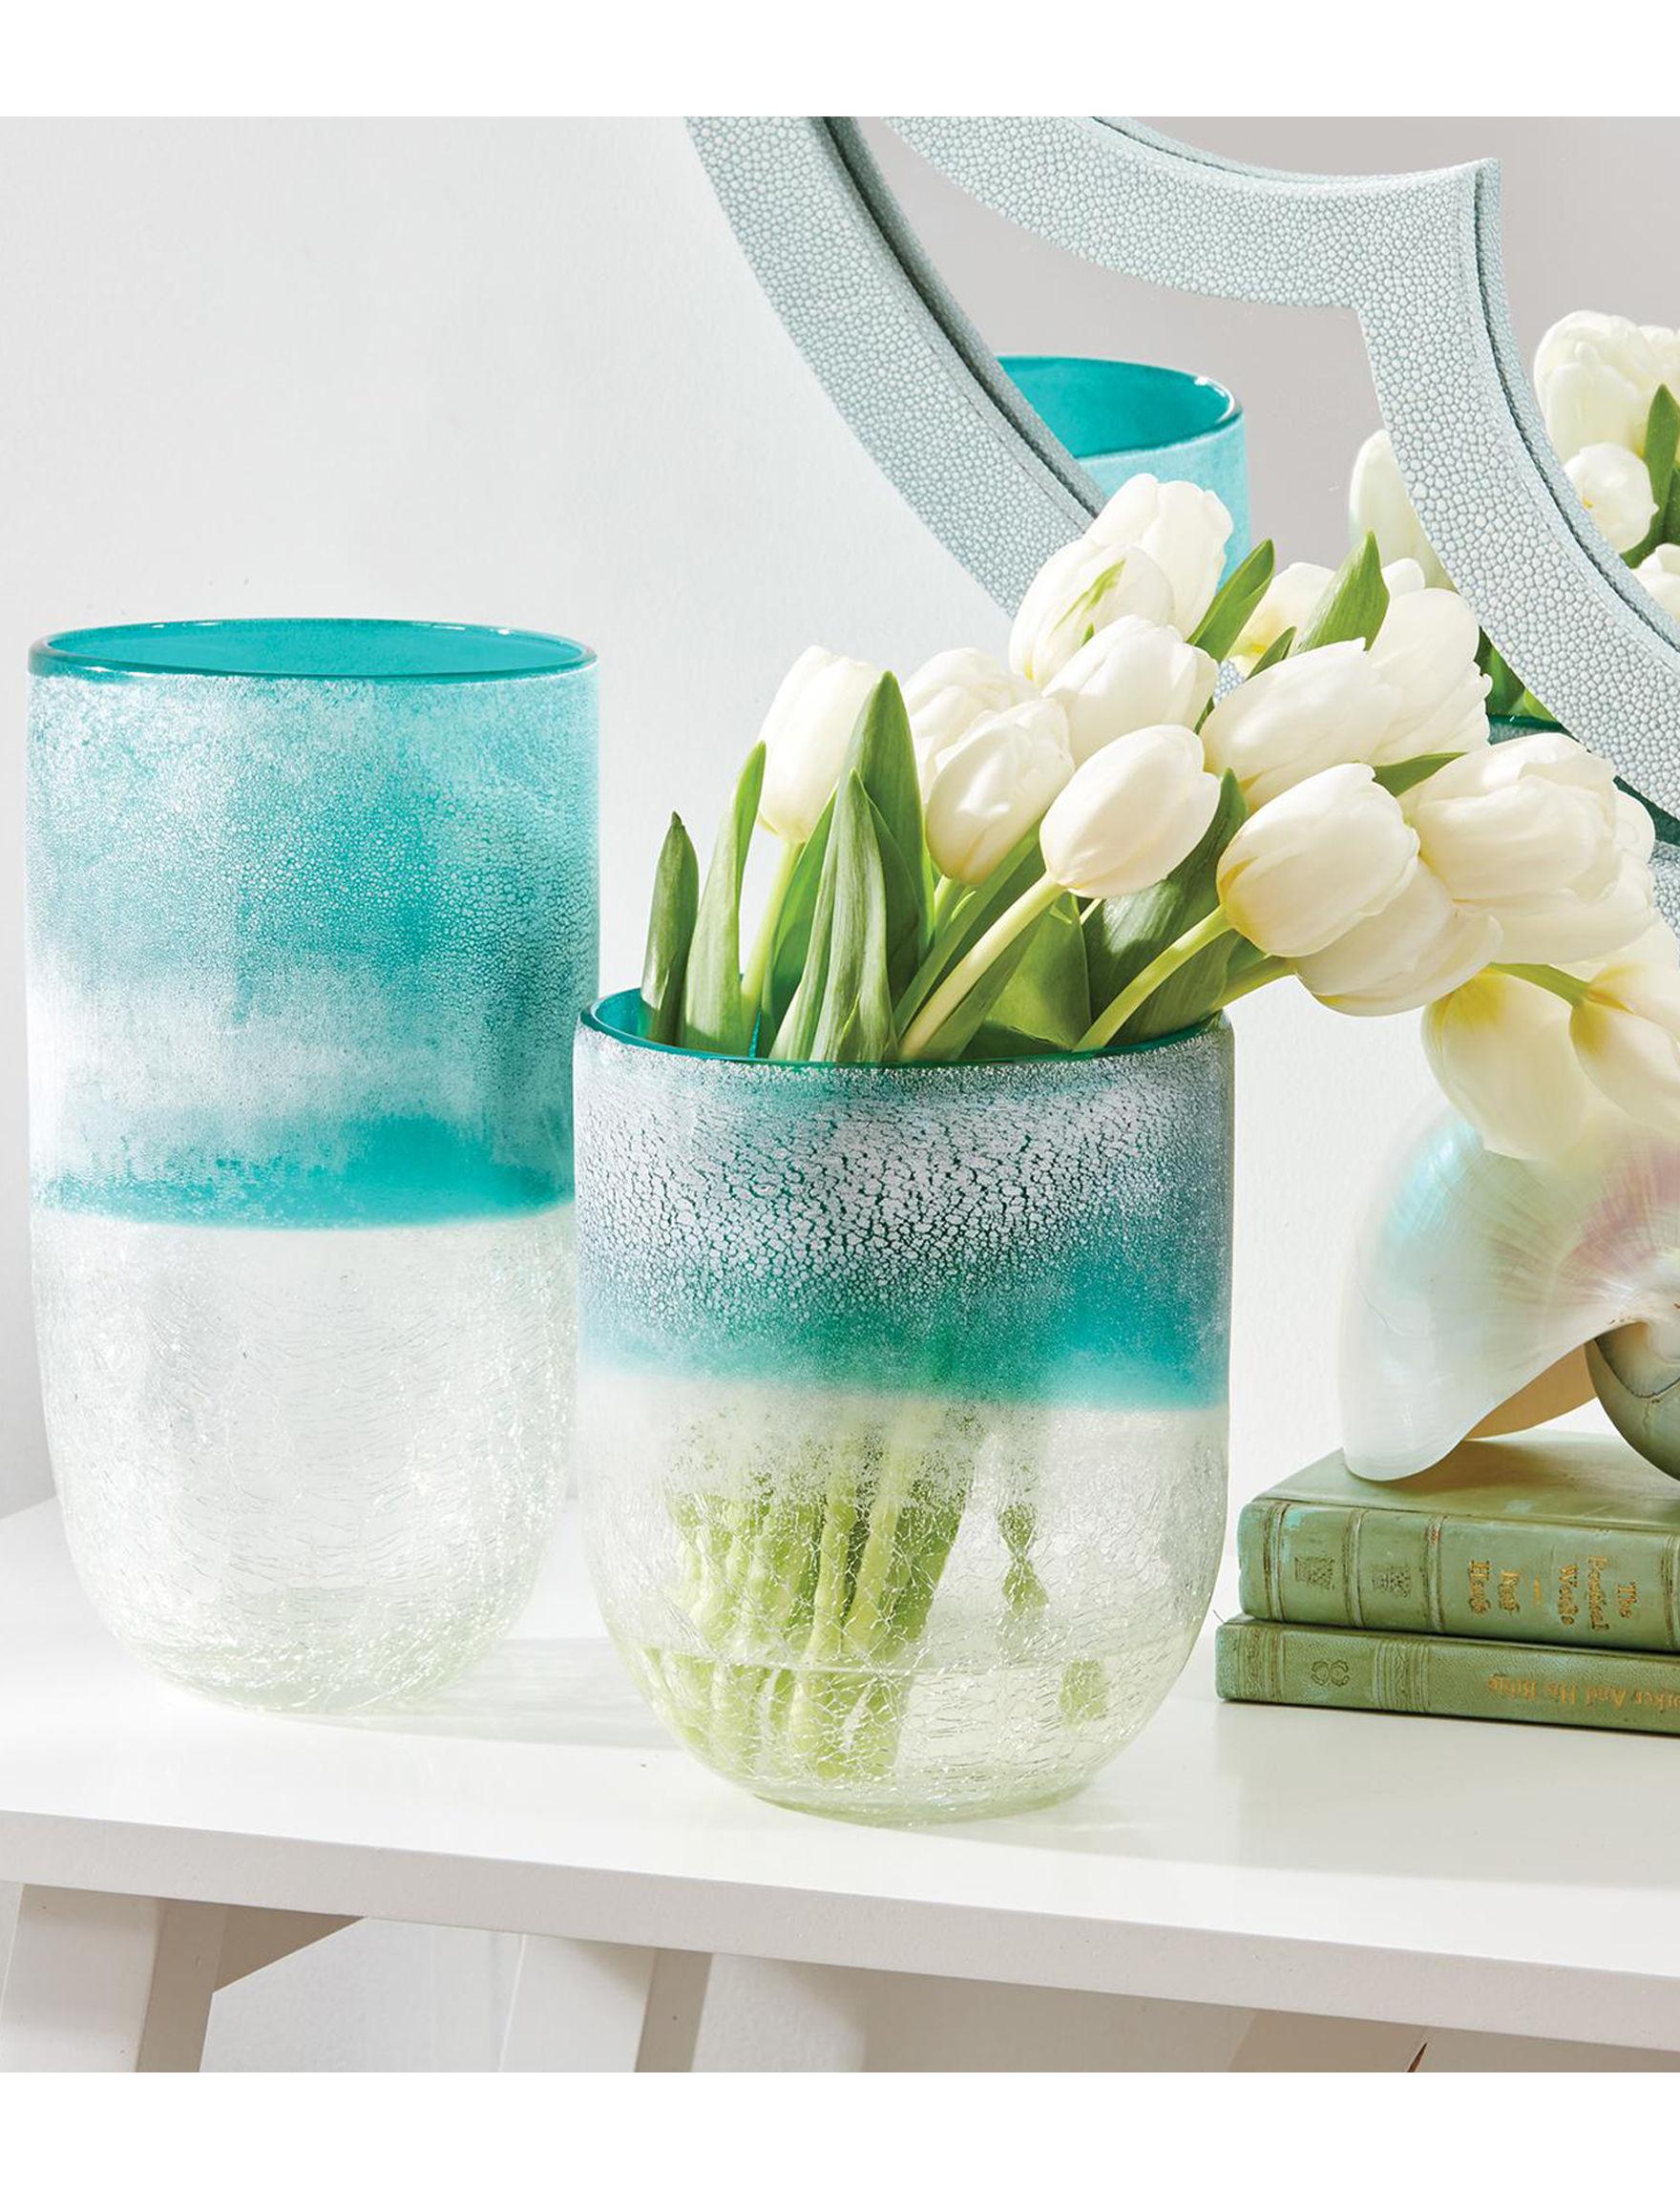 Two's Company Aqua Vases & Decorative Bowls Home Accents